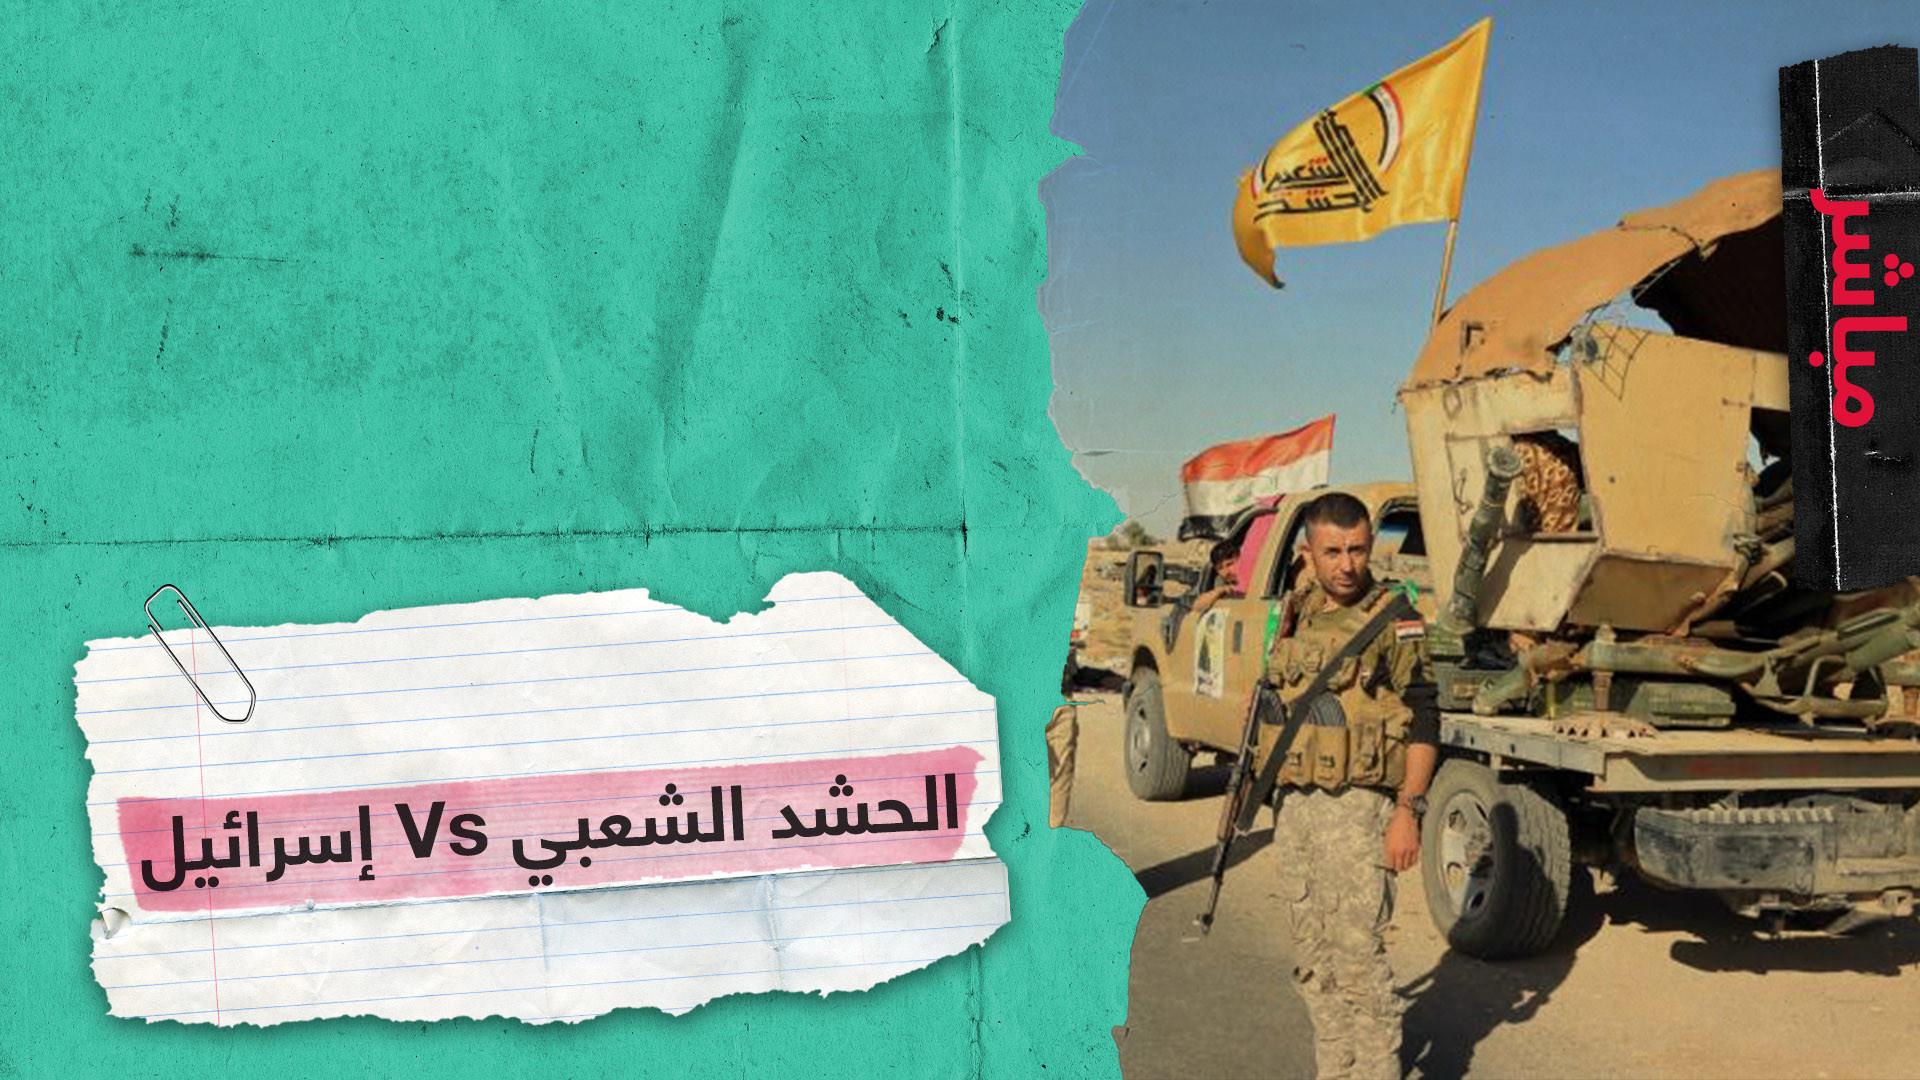 هل استهدفت إسرائيل فعلا مواقع للحشد في العراق؟